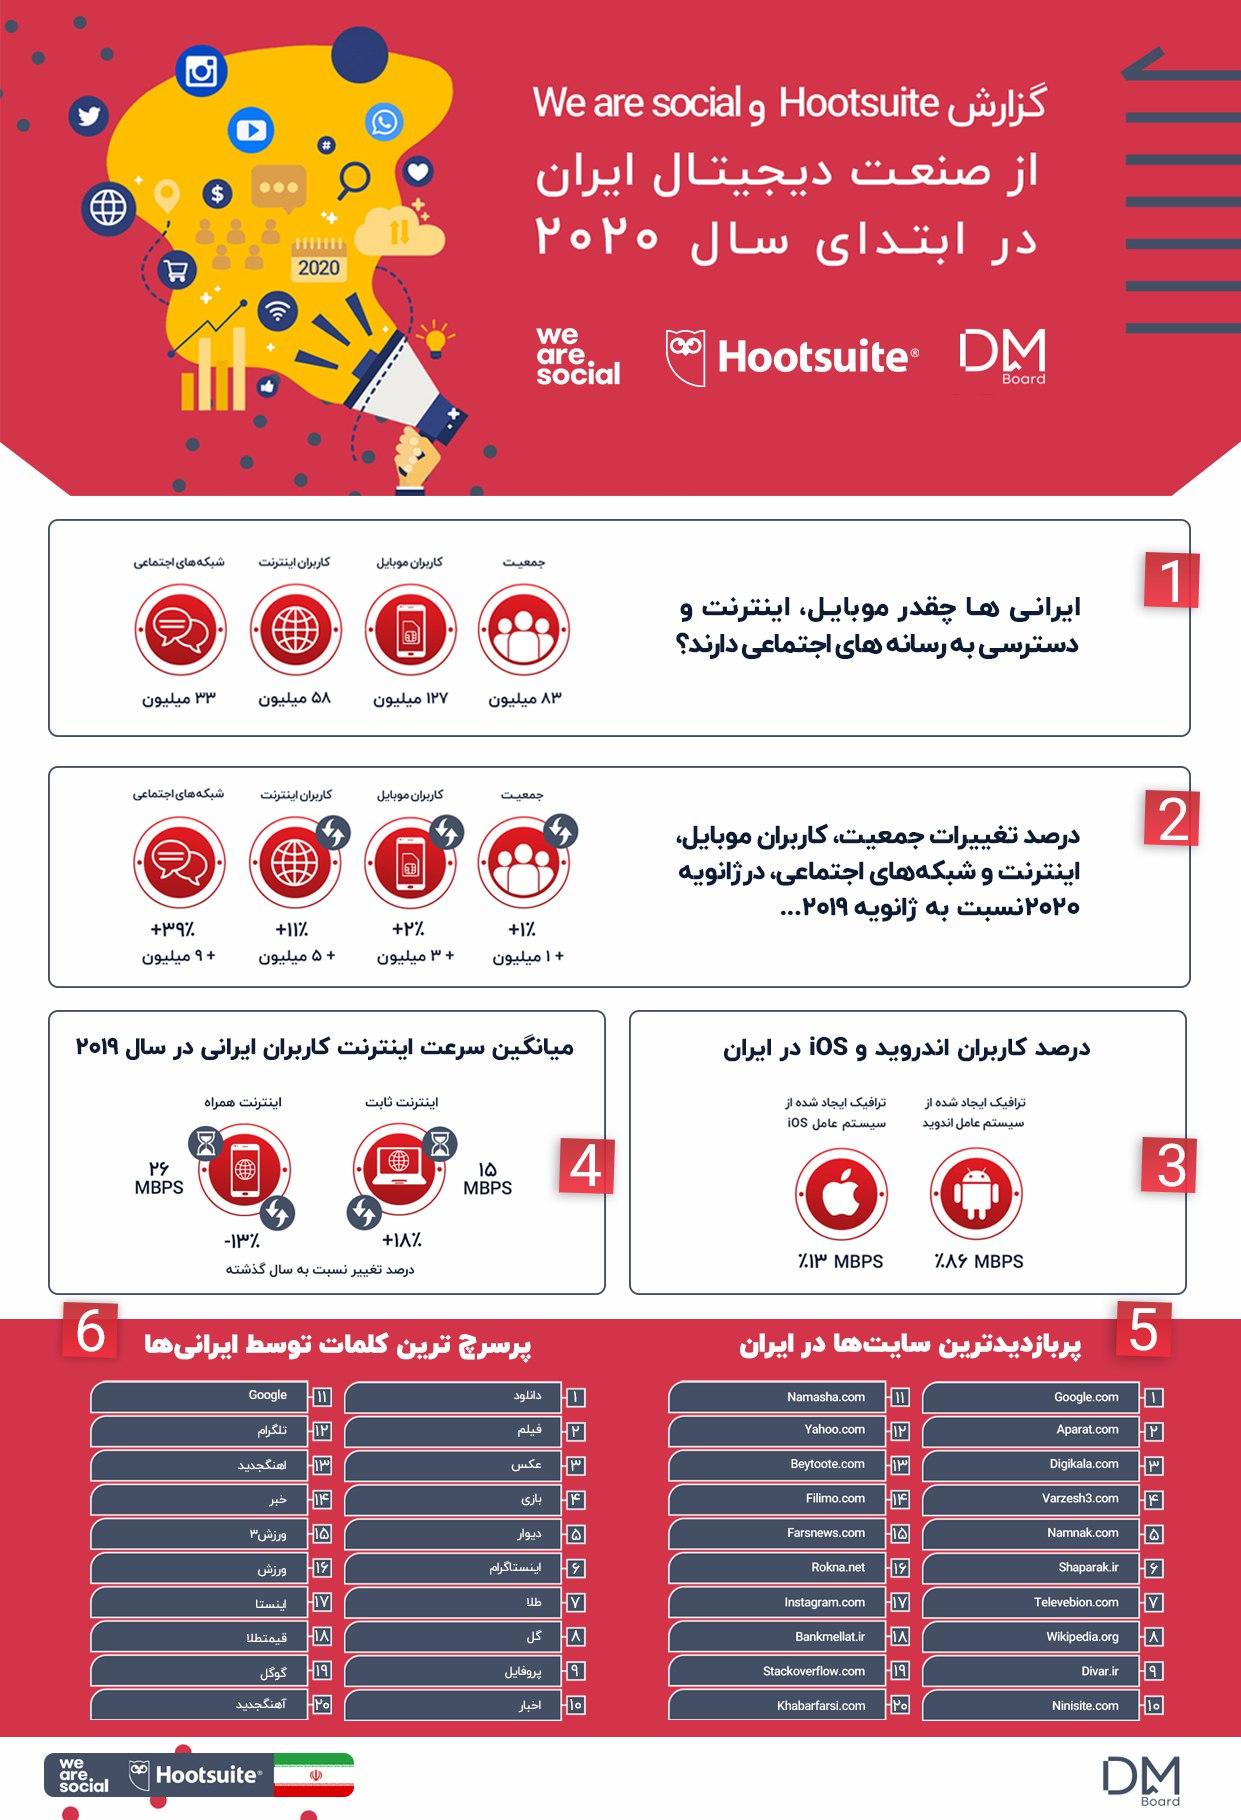 نمودار گزارش کانال بورد DM برای گروه Hotline 2020